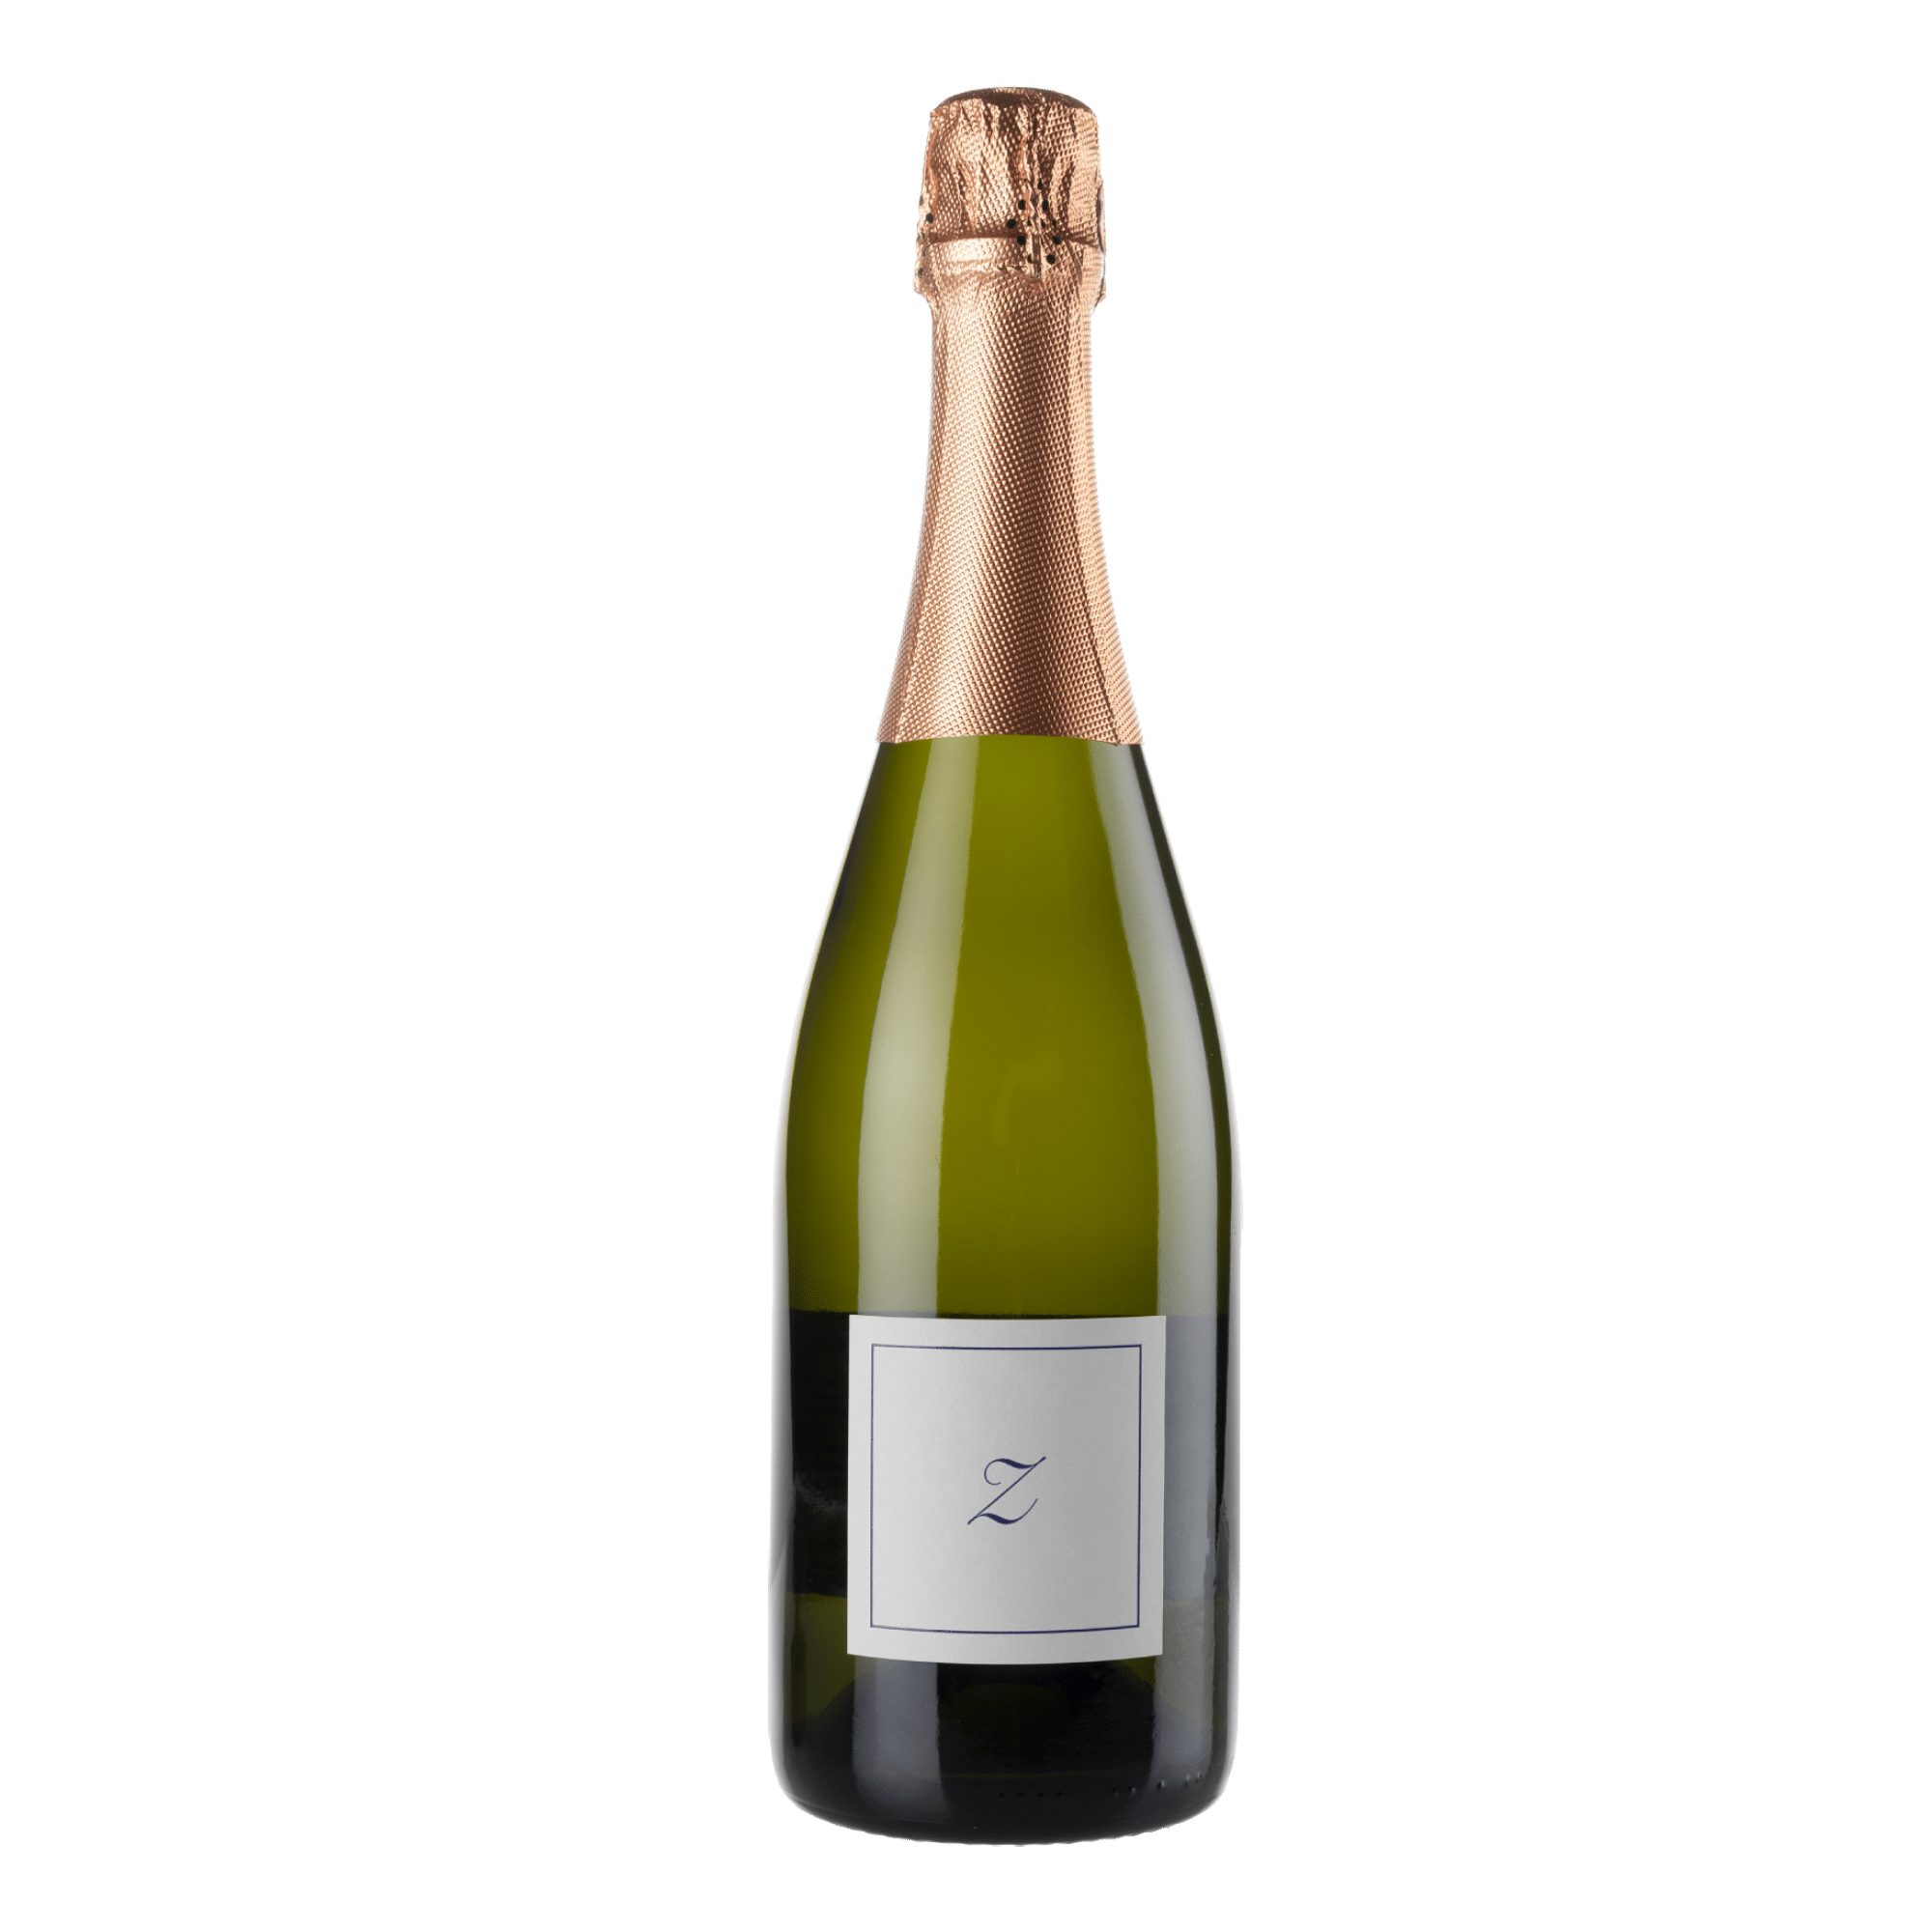 Zürischum Räuschling Feinkost Champagner